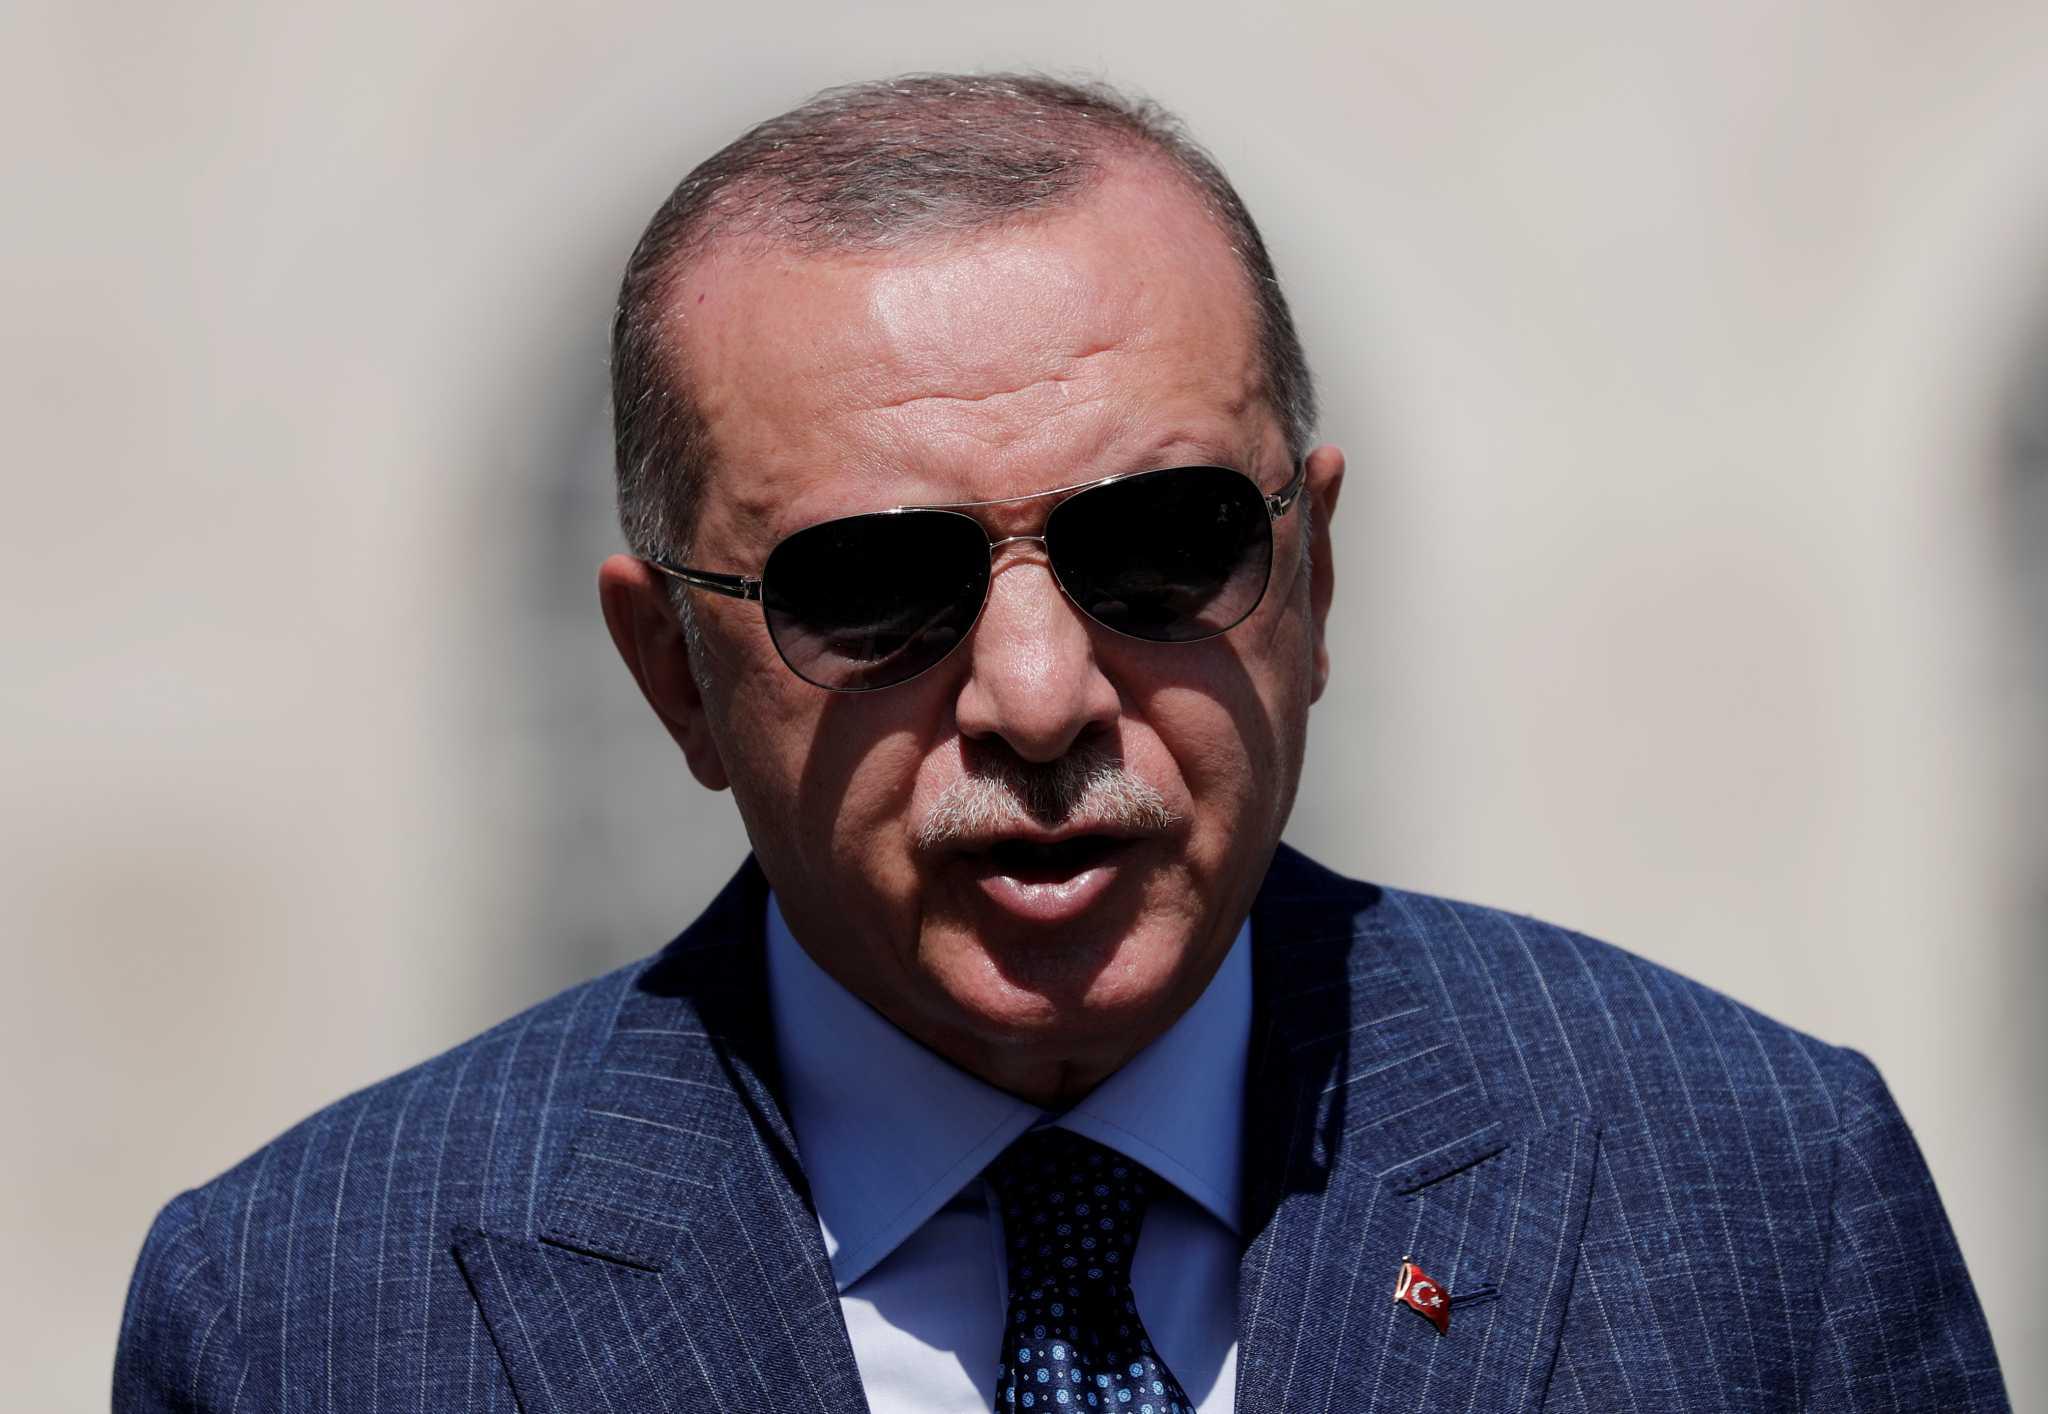 Τουρκία: Εκρηκτική η κατάσταση στην οικονομία